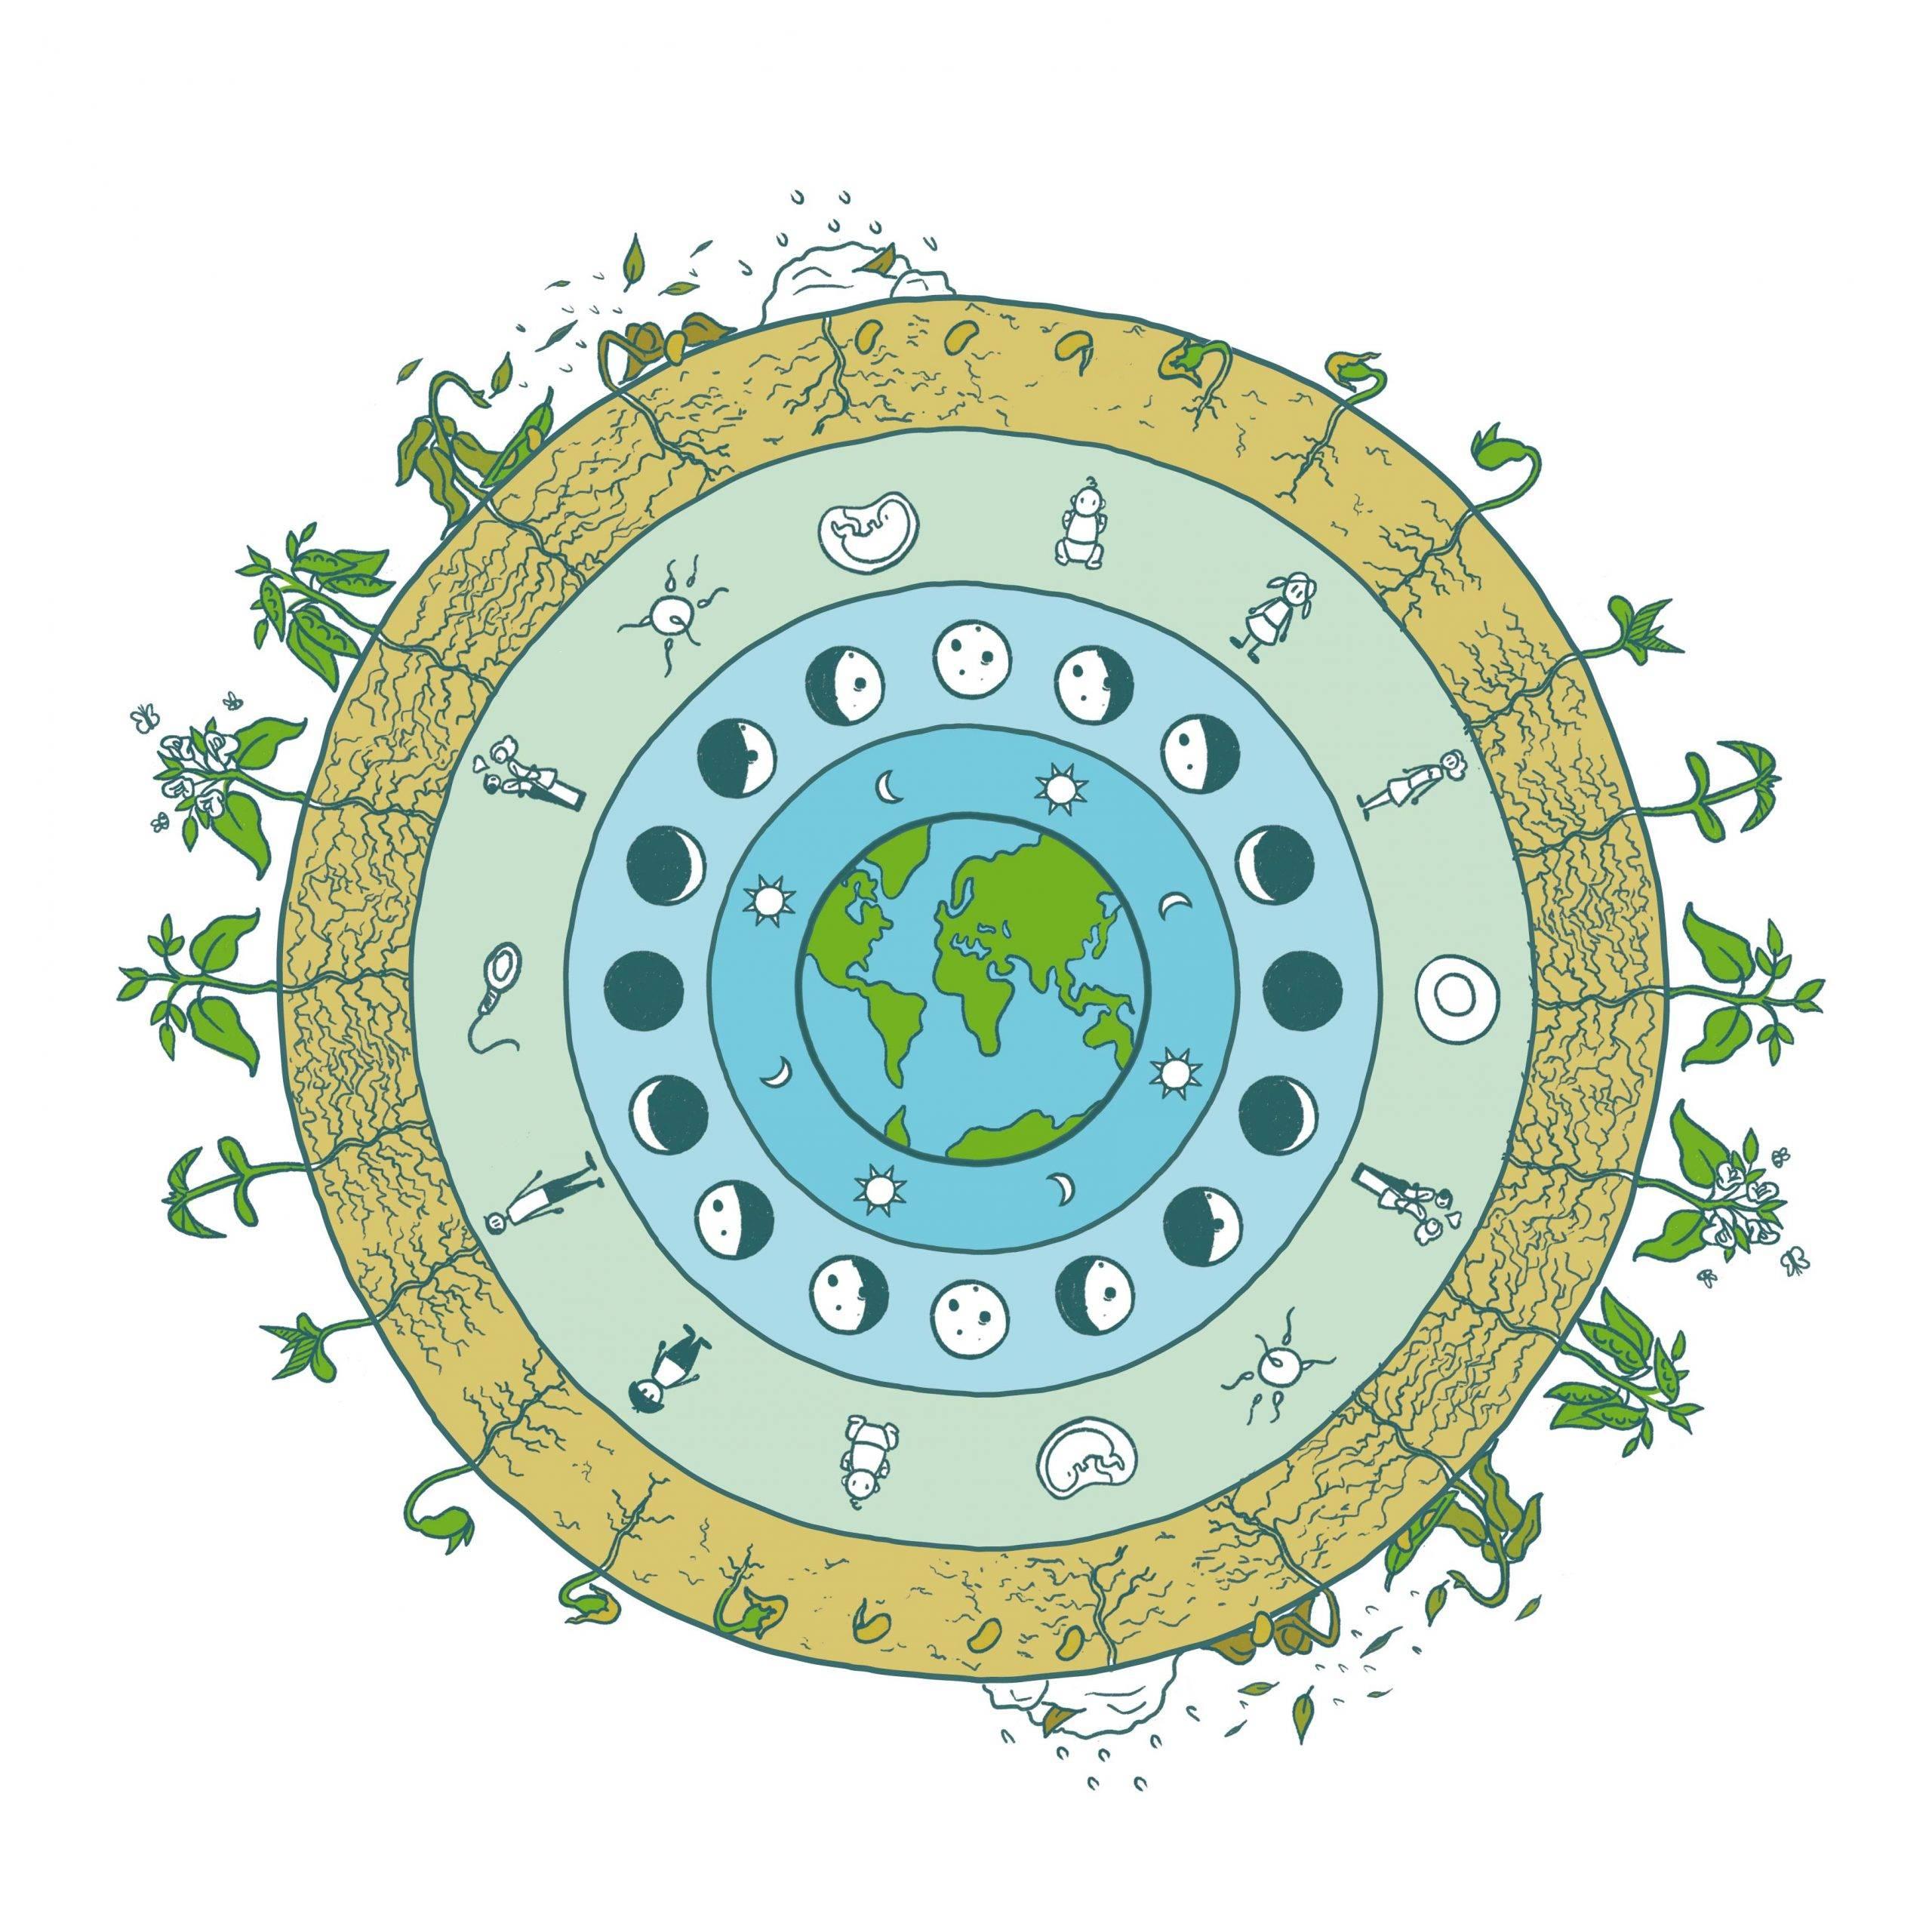 Tout tourne rond sur cette Terre